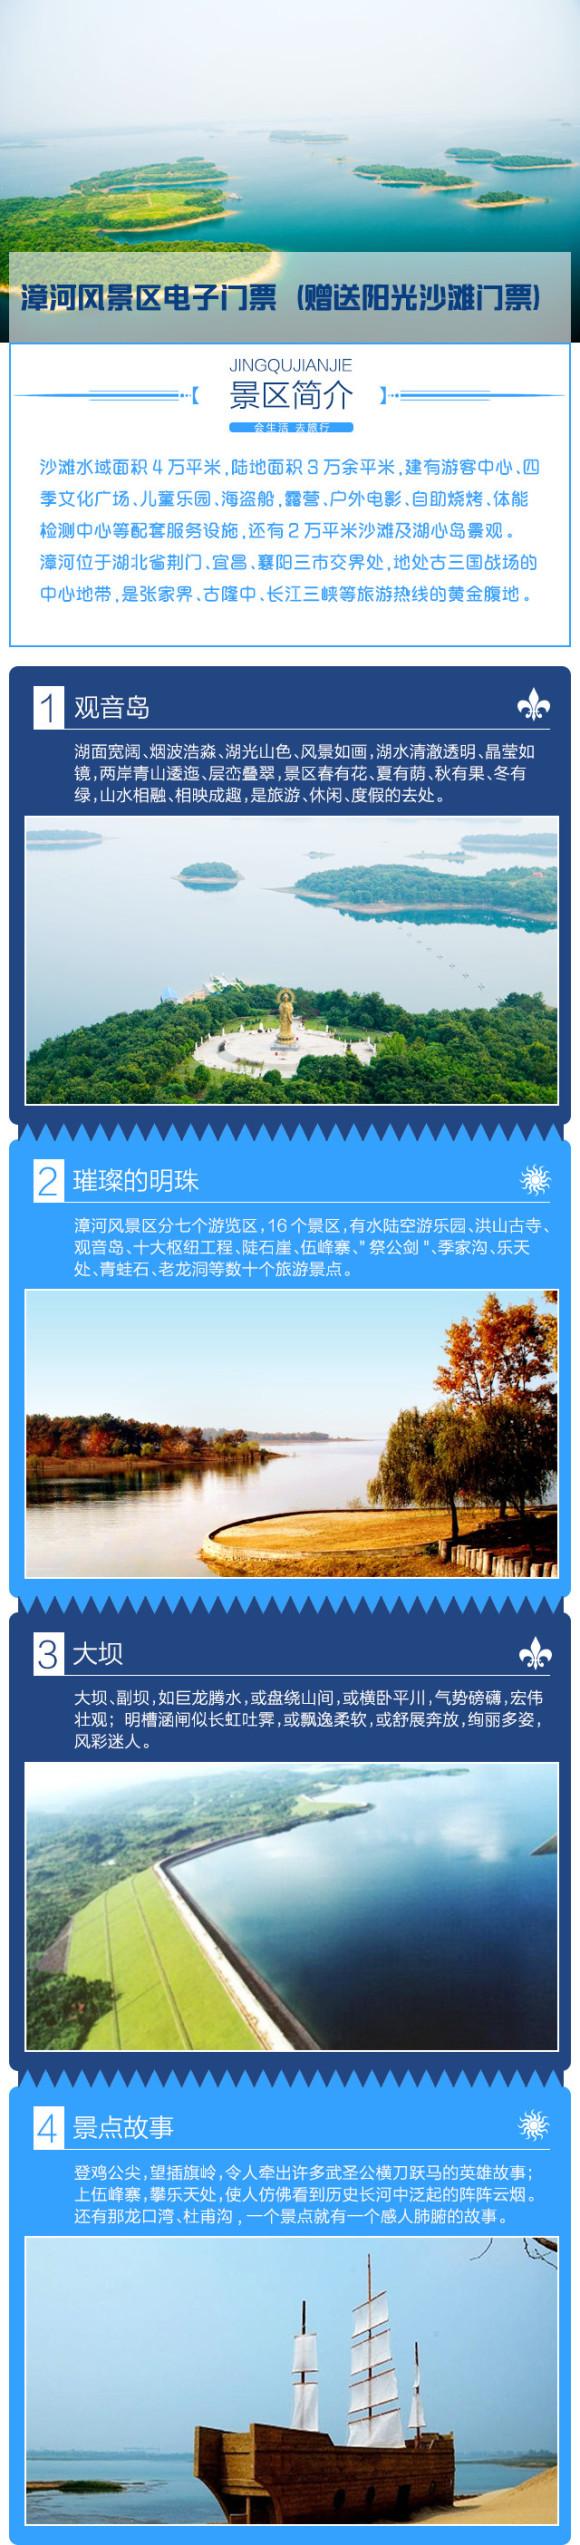 漳河风景区电子门票(赠送阳光沙滩门票)